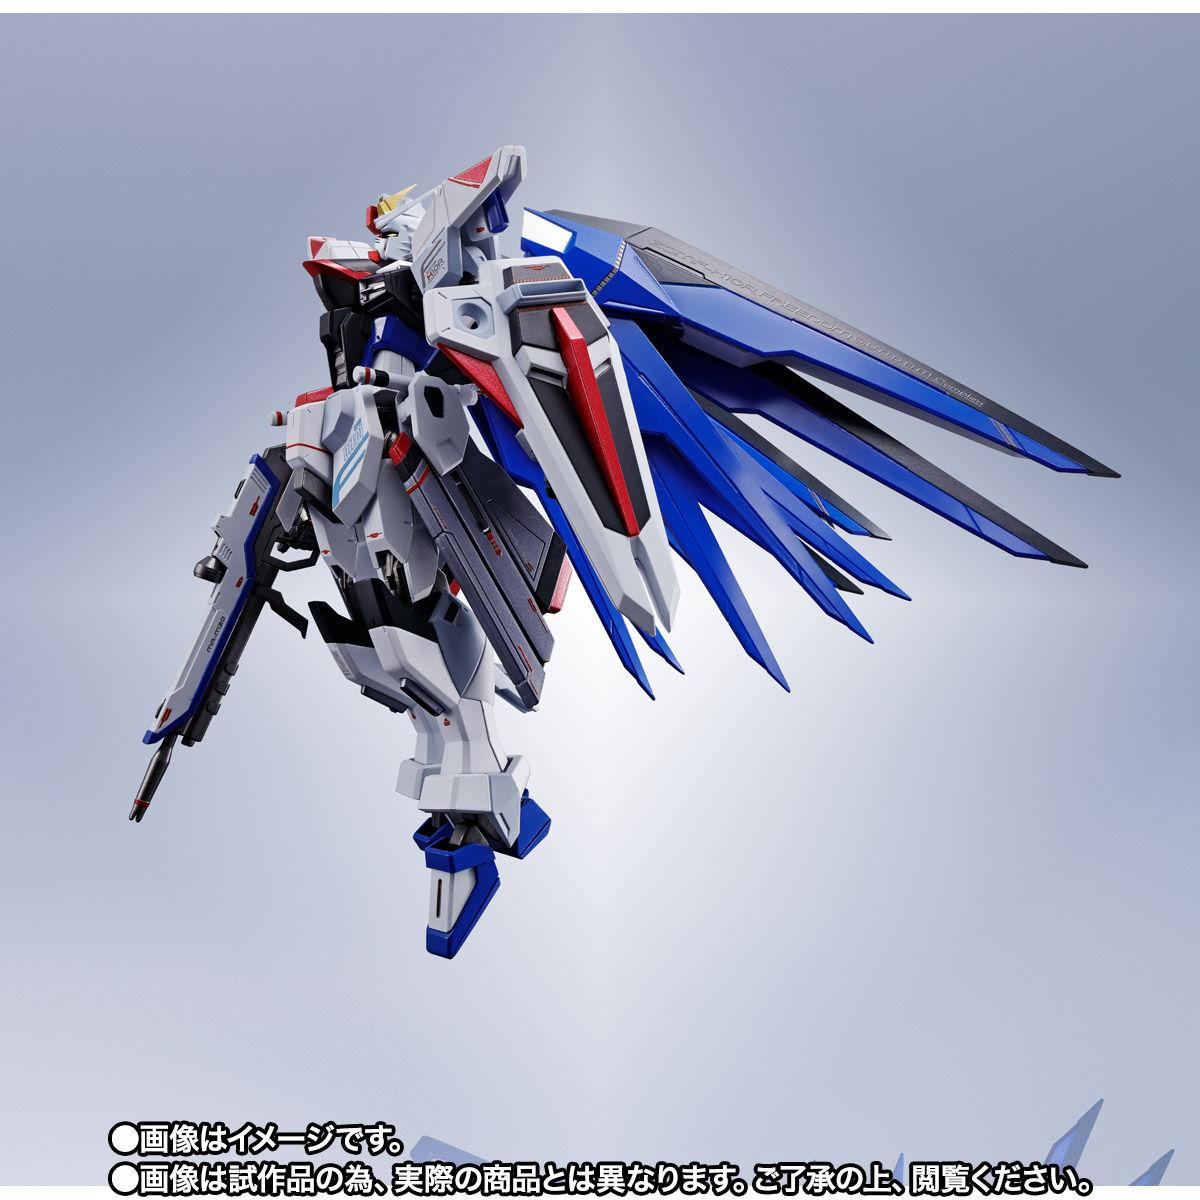 【限定販売】METAL ROBOT魂〈SIDE MS〉『フリーダムガンダム』ガンダムSEED 可動フィギュア-009